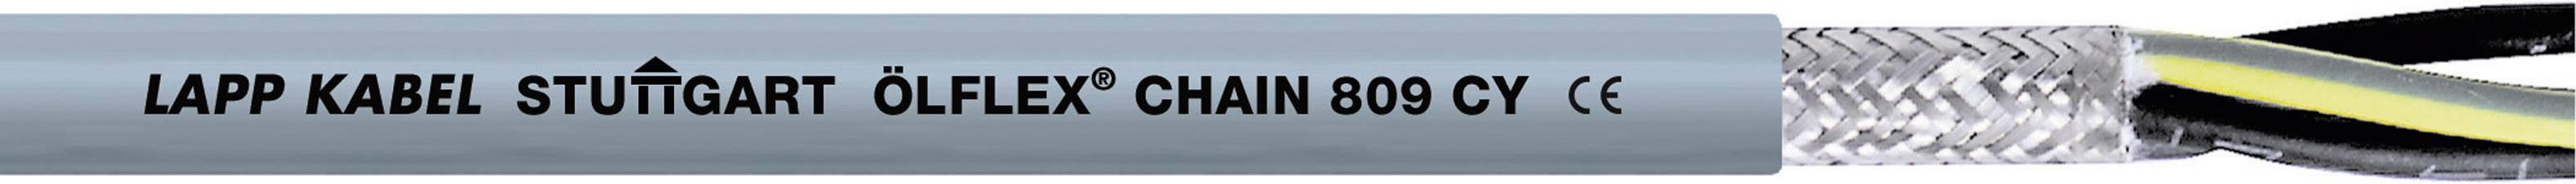 Žíla kabelu LappKabel ÖLFLEX CHAIN 809 CY 3G0,5 (1026752), 3x 0,5 mm², PVC, Ø 6,1 mm, stíněný, 100 m, šedá